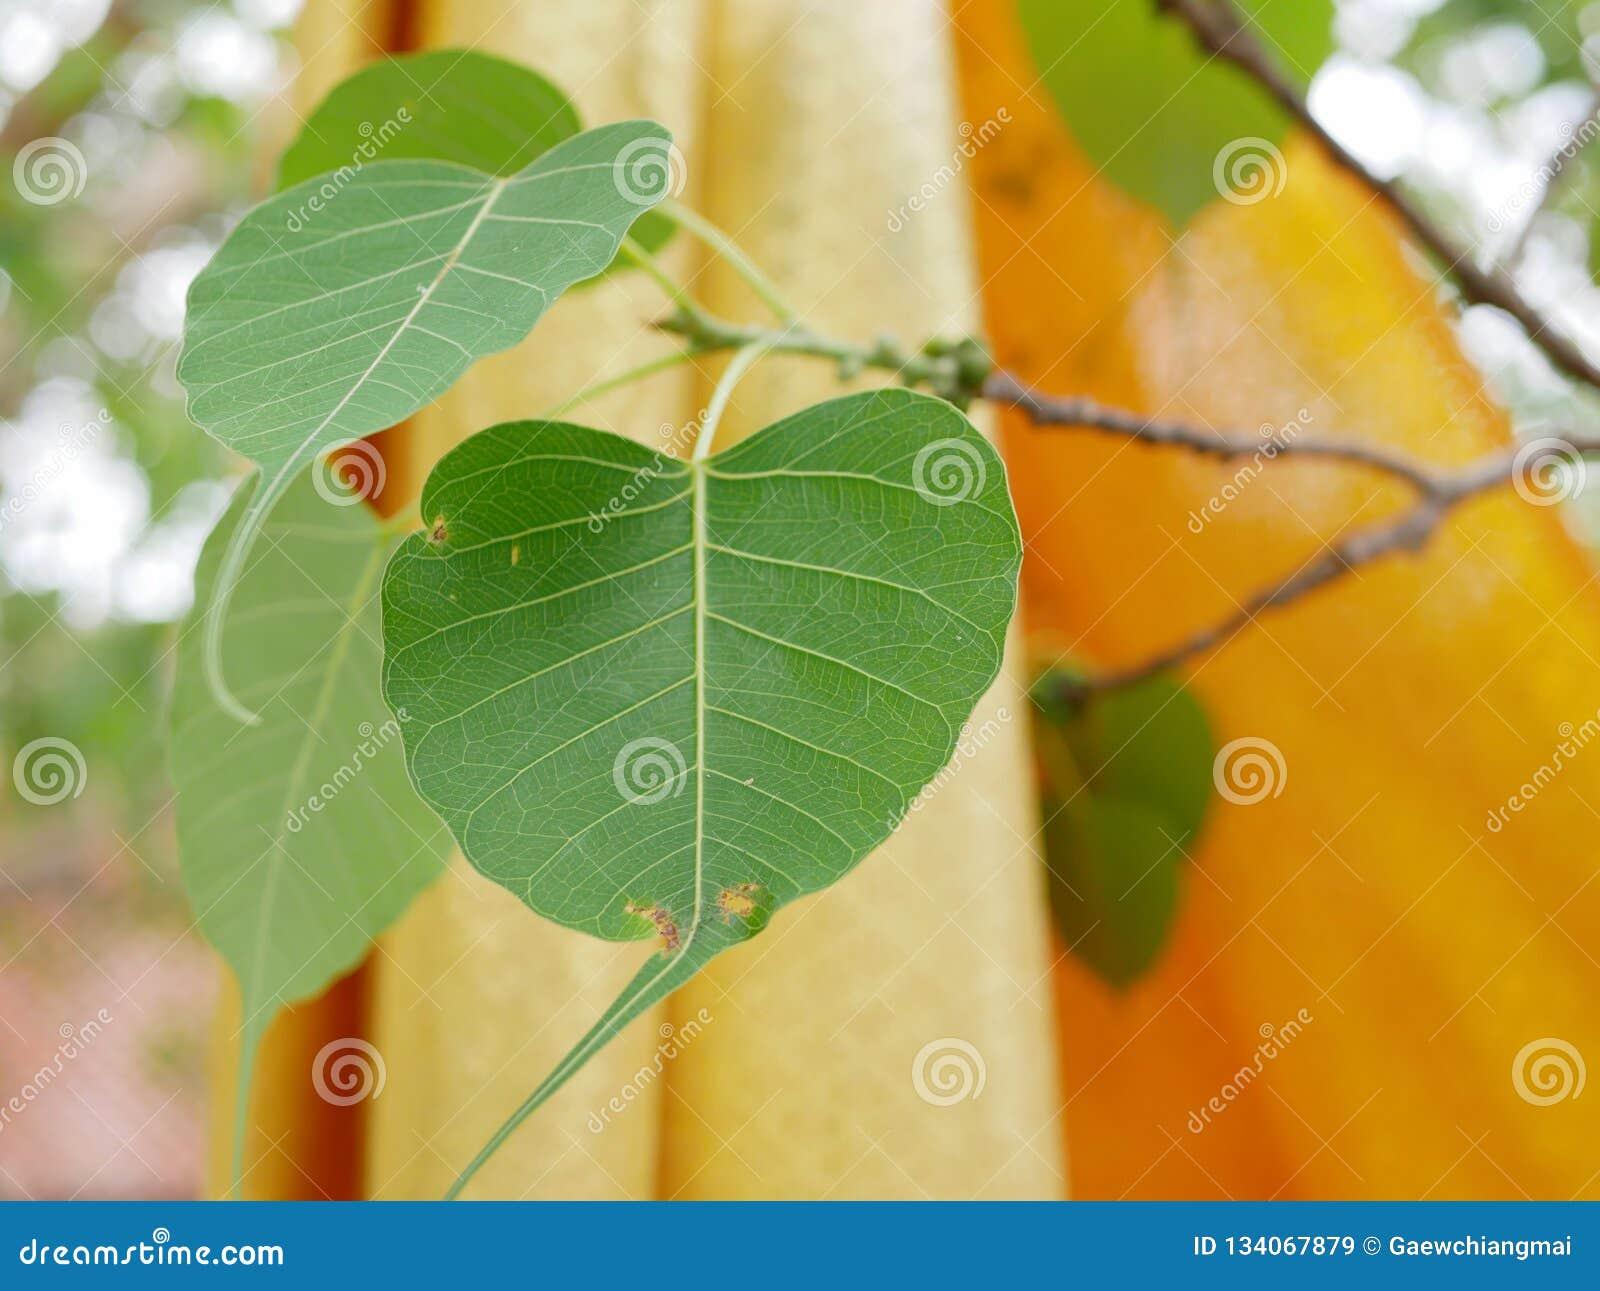 Las hojas del árbol de Bodhi con los trajes borrosos de los monjes budistas en el fondo